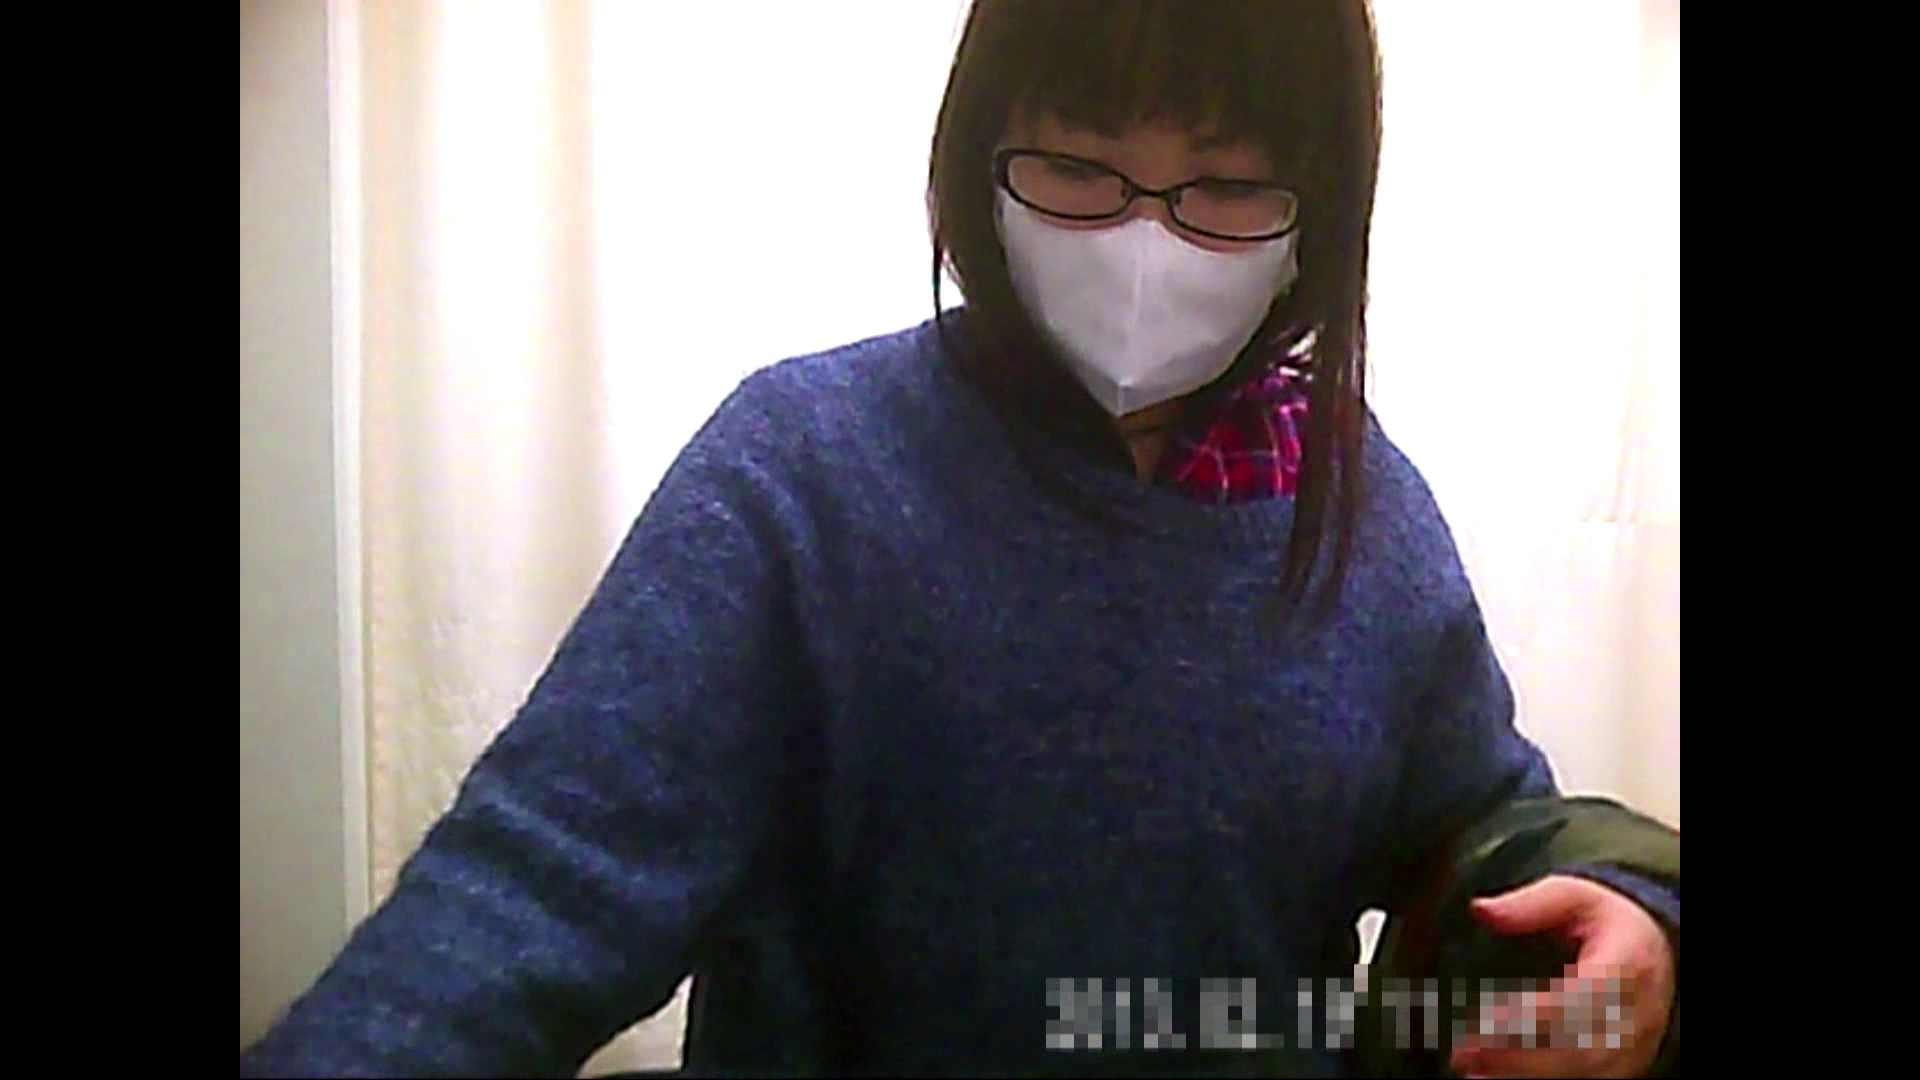 元医者による反抗 更衣室地獄絵巻 vol.141 OLハメ撮り  78Pix 29